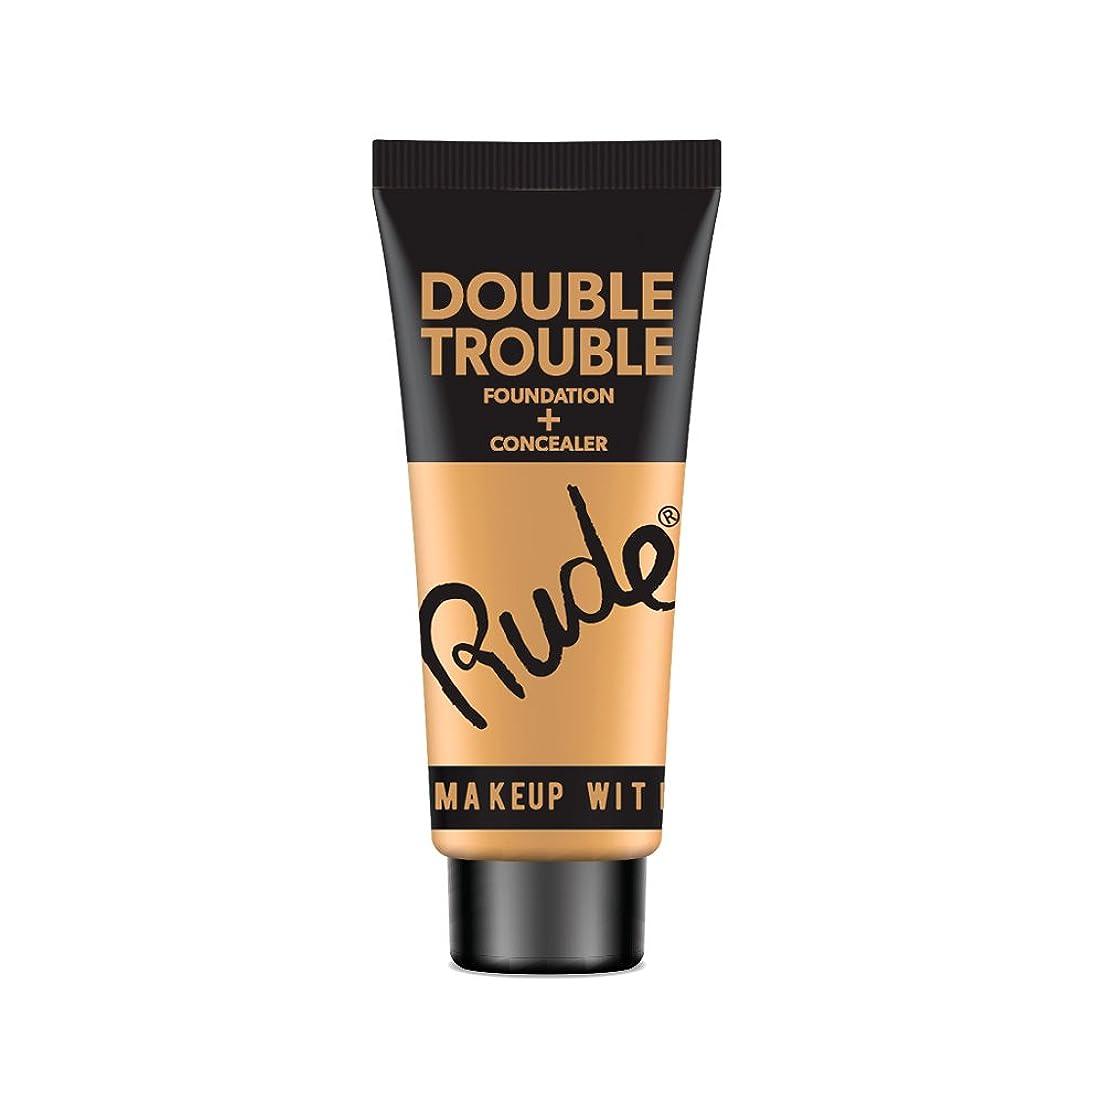 武装解除アジア適性(3 Pack) RUDE Double Trouble Foundation + Concealer - Natural (並行輸入品)